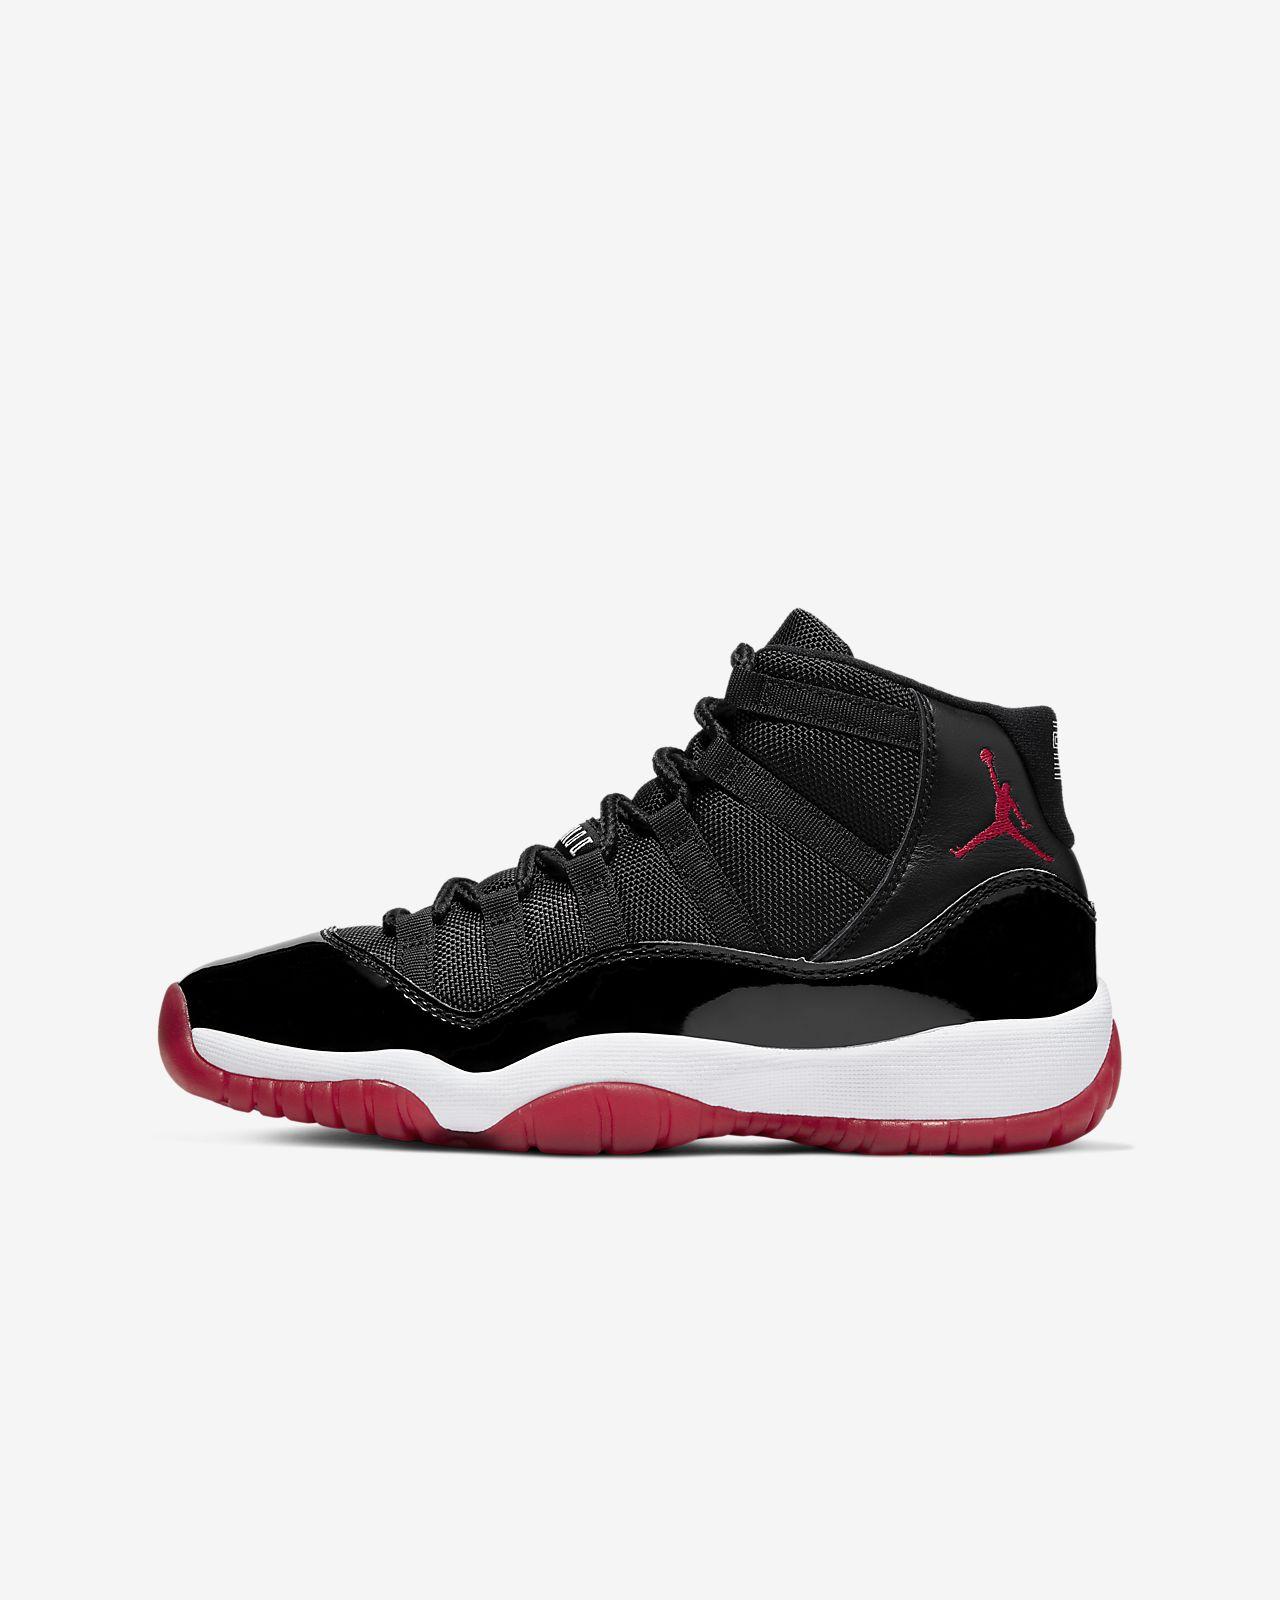 Air Jordan 11 Big Kids' Shoe